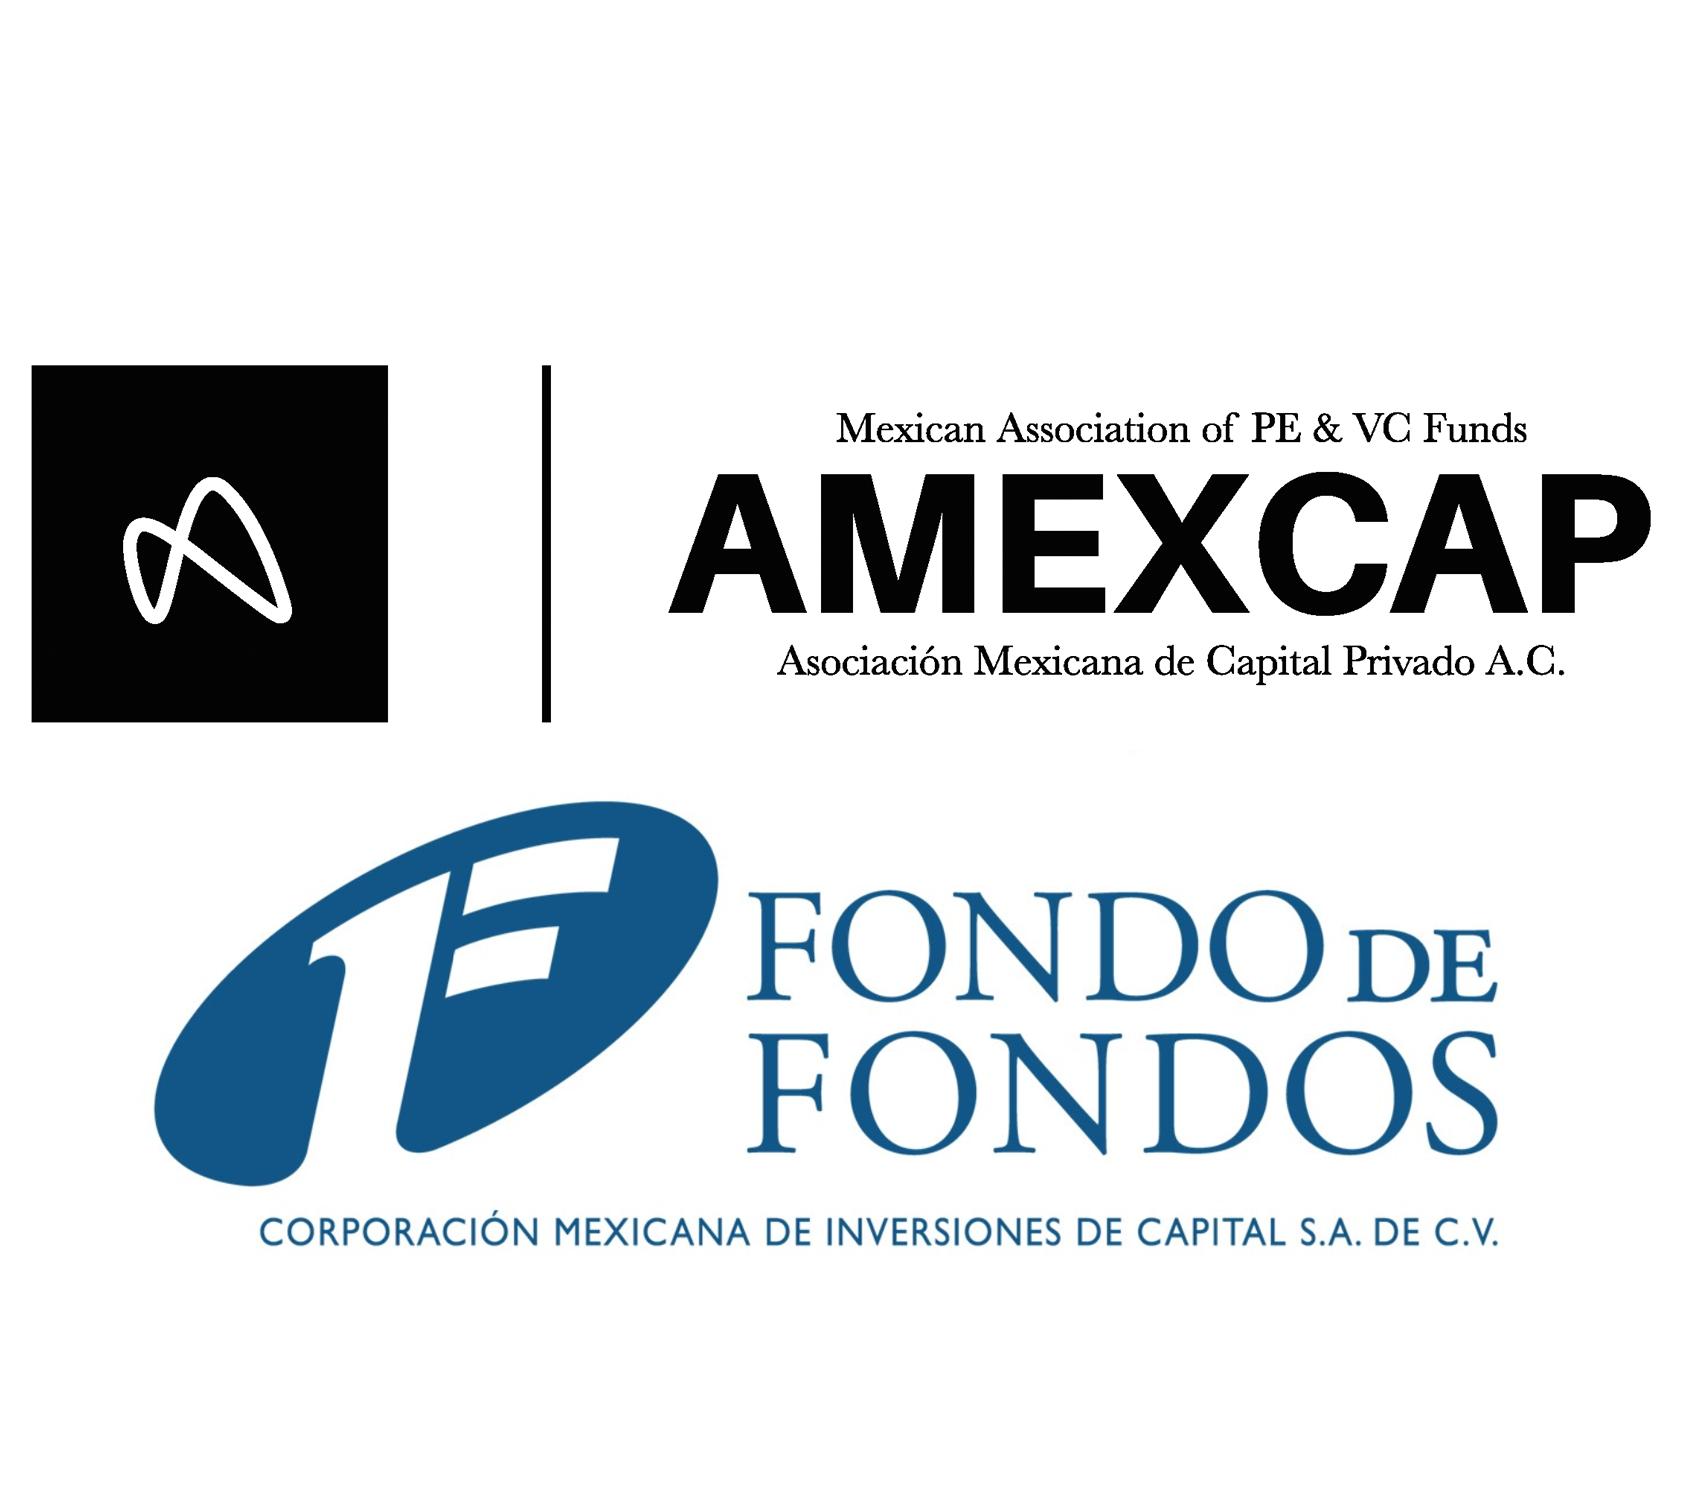 Amexcap-Fondo de Fondos